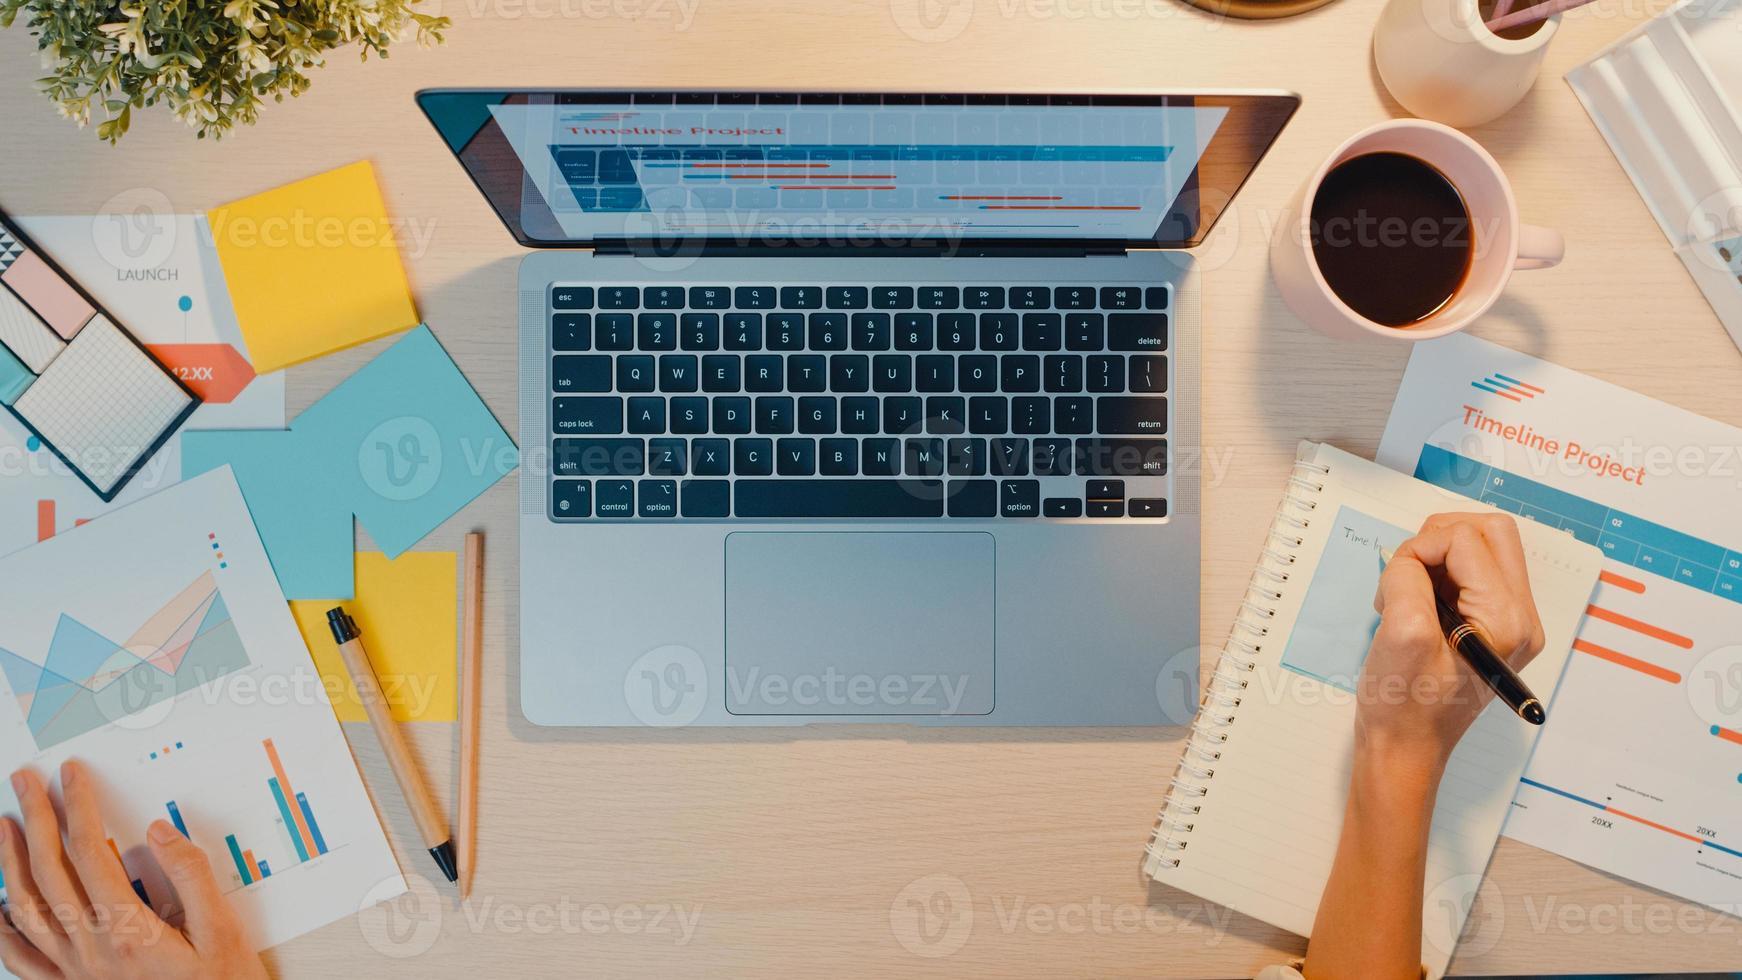 ovanifrån av ung asien affärsframe frilans fokus på bärbar dator skriva kalkylblad finans diagram kontot diagram marknadsplan på kontorsnatt. arbeta hemifrån, på distans, distansutbildning coronavirus -koncept foto